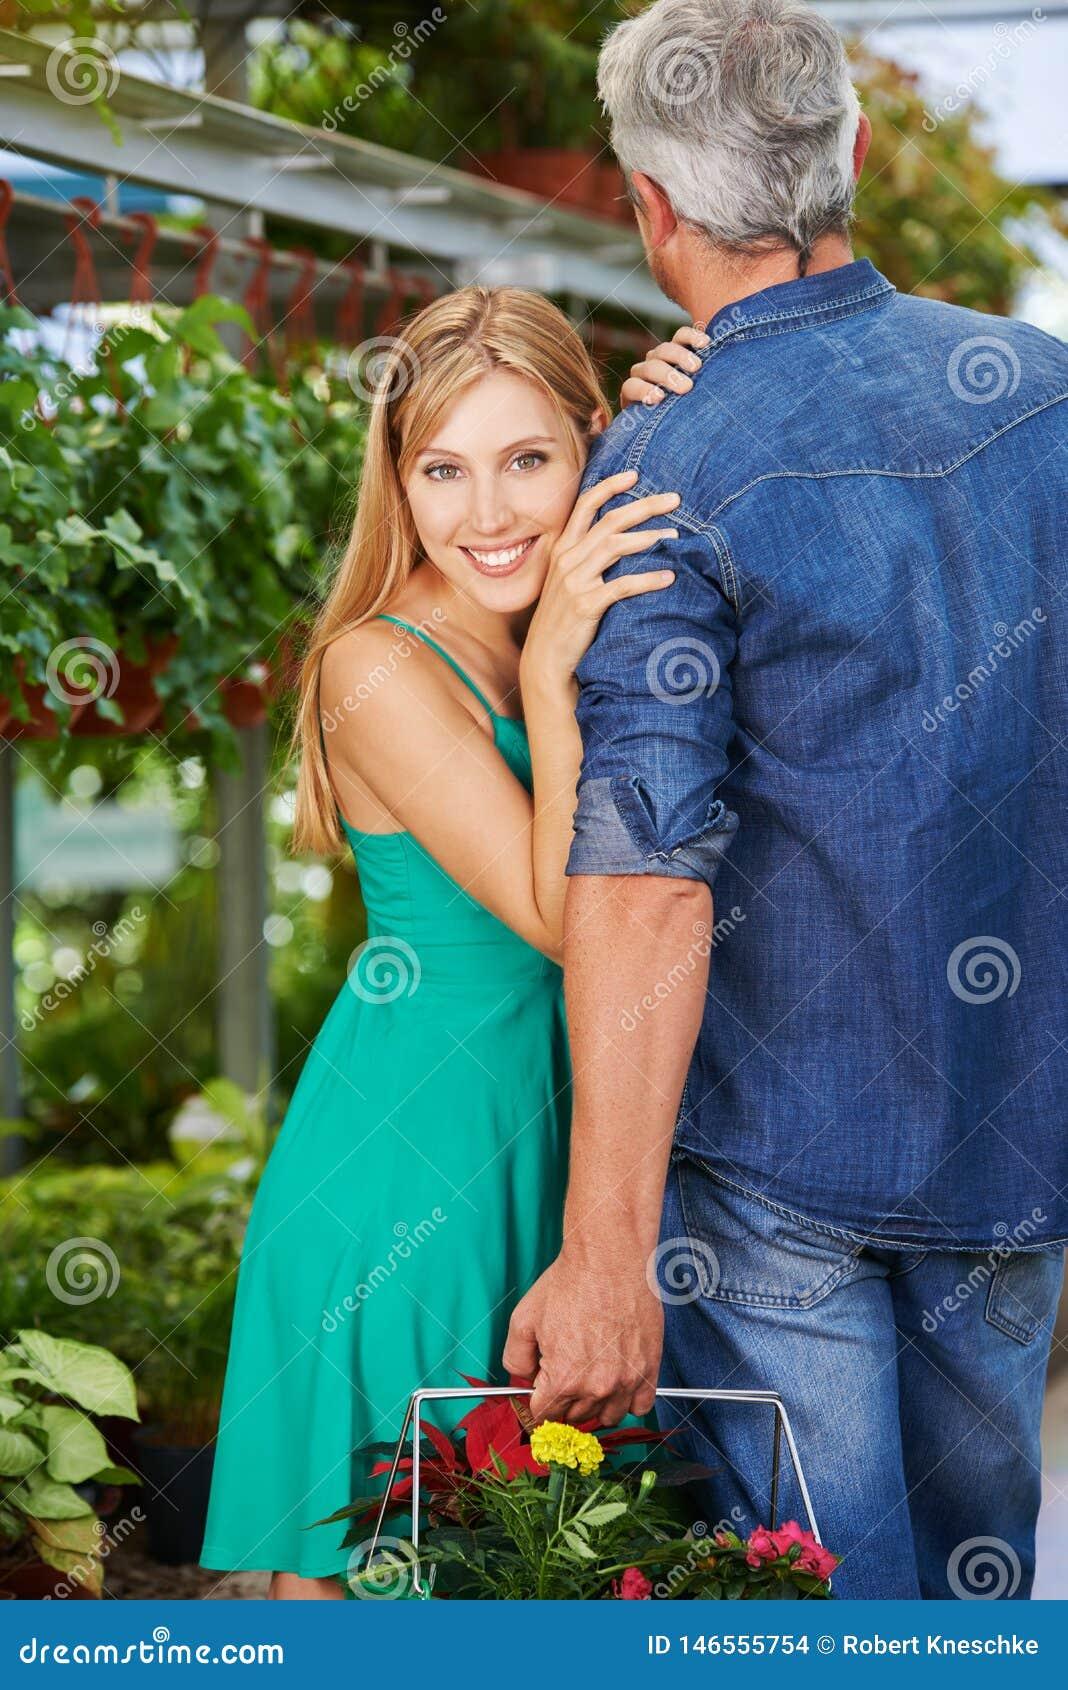 La mujer se está inclinando contra el hombro del hombre en centro de jardinería